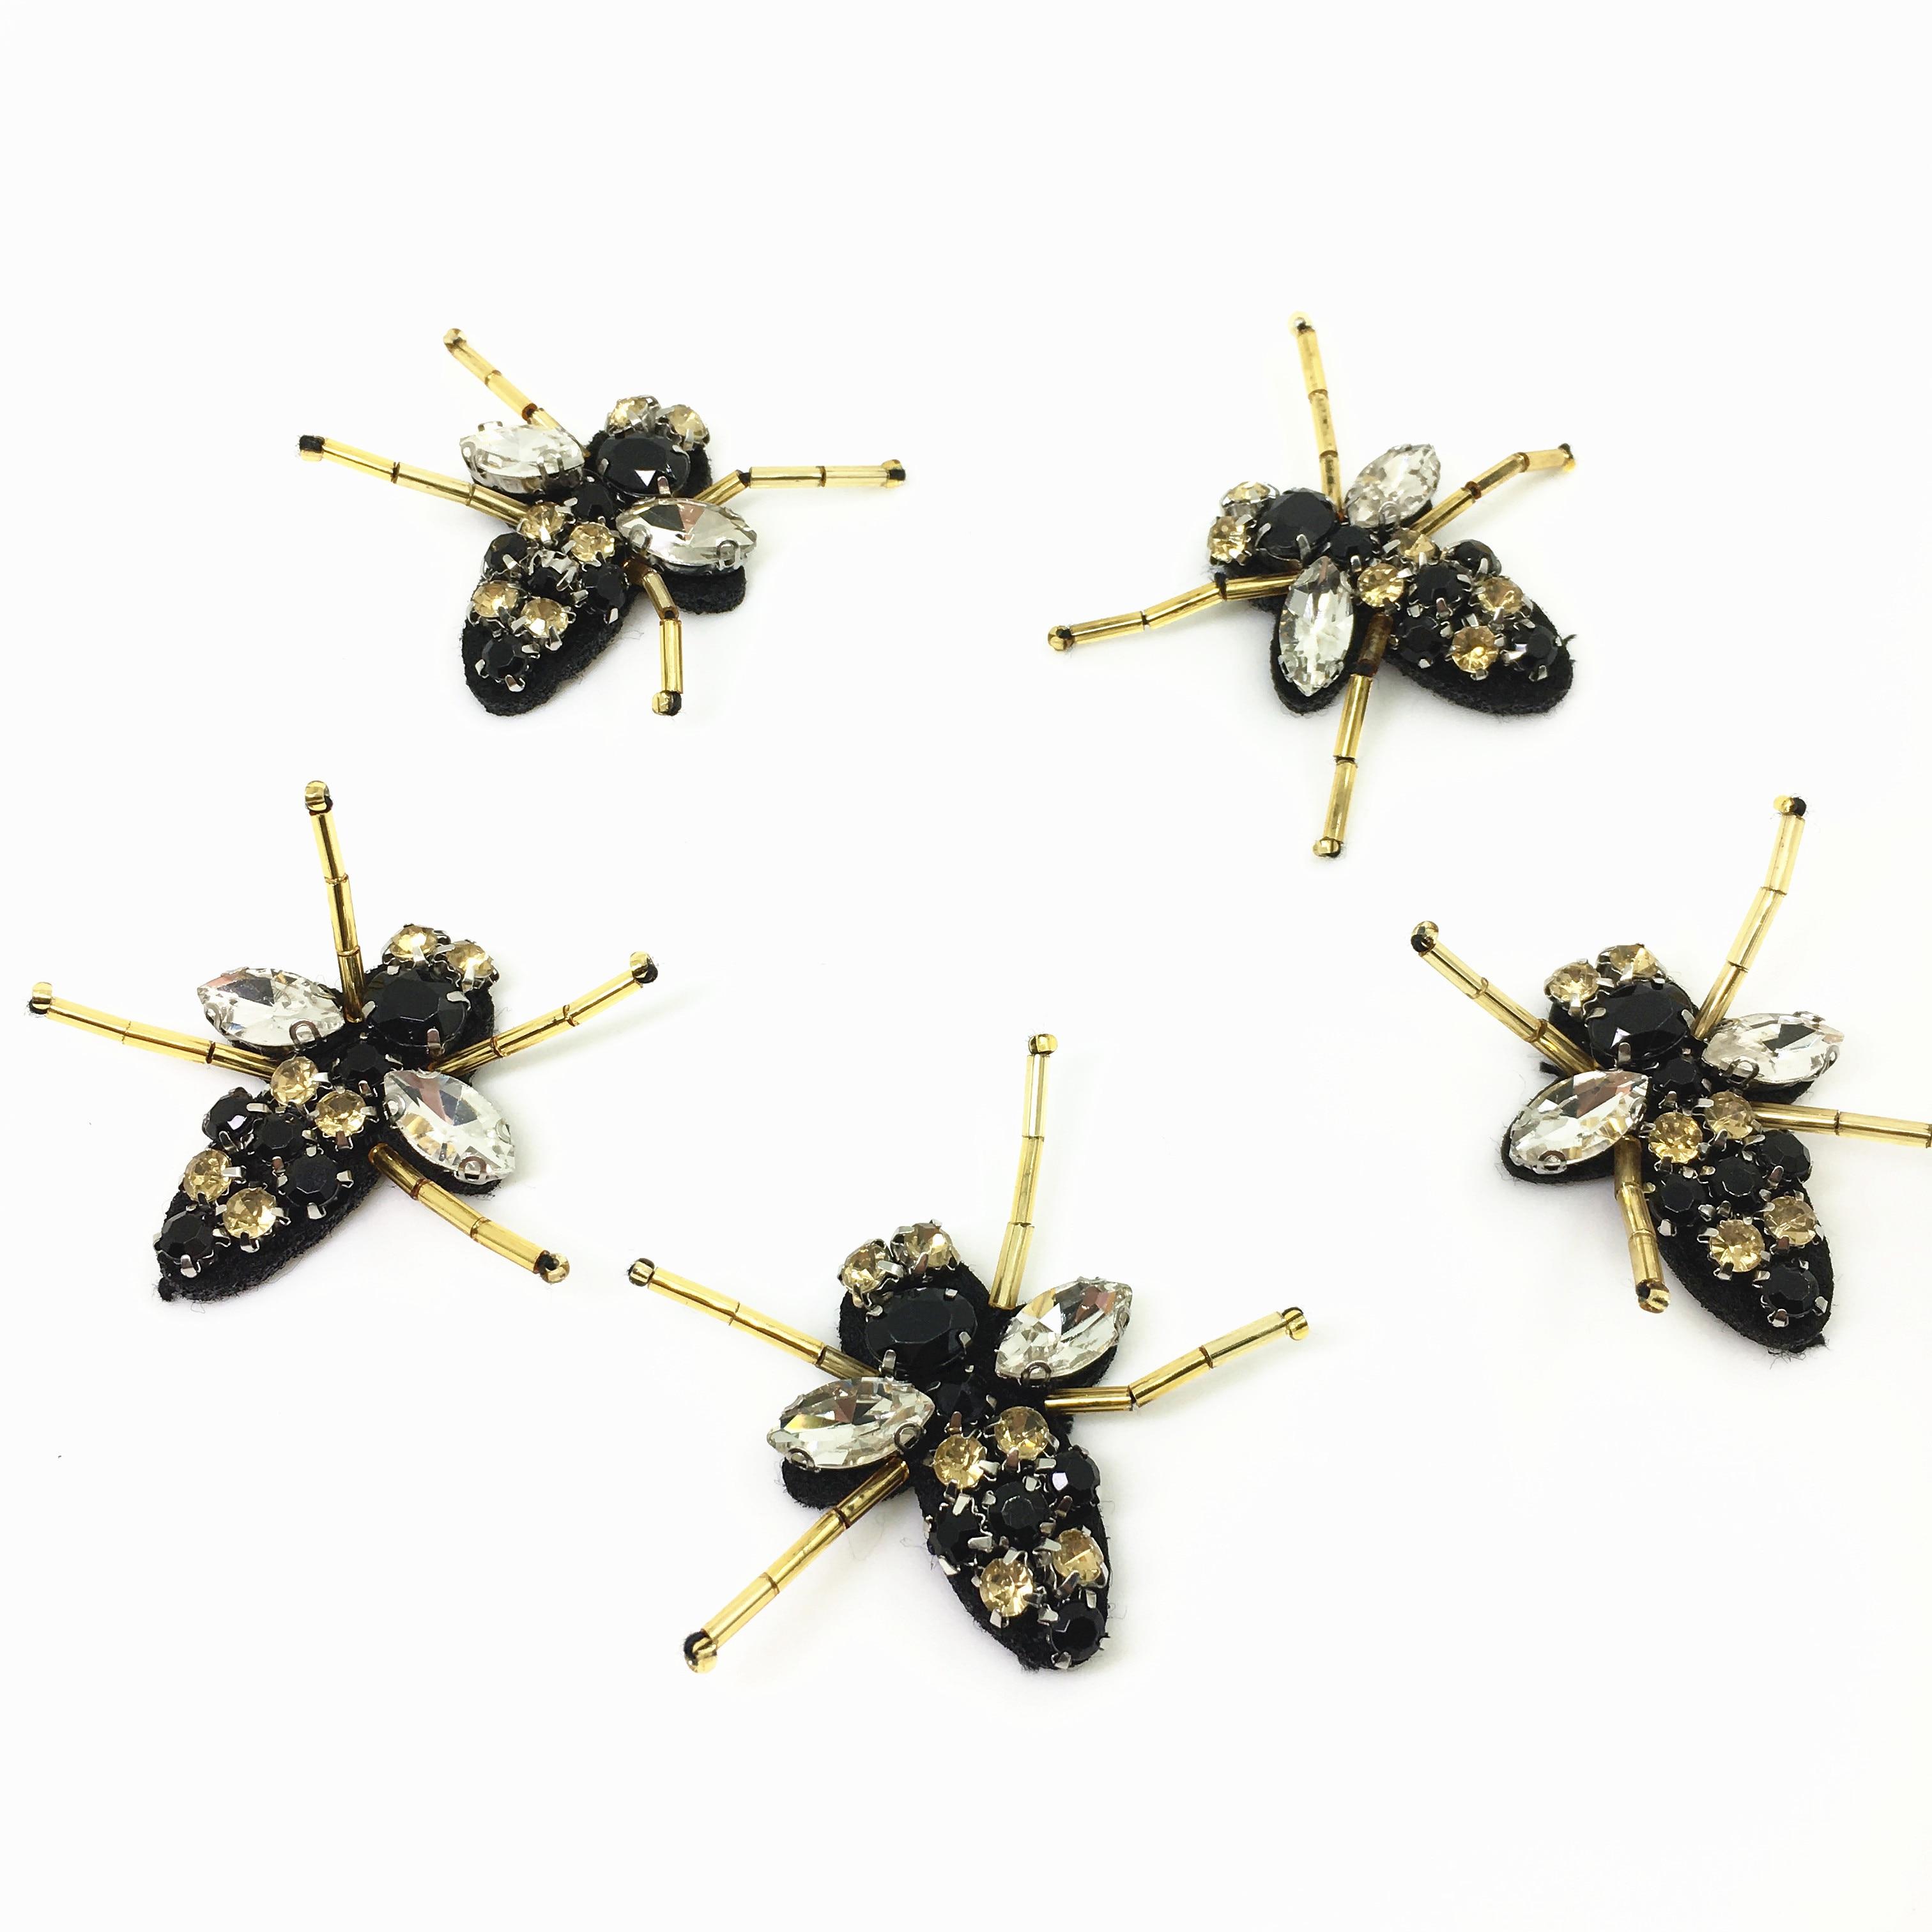 20pc Sy på Beaded Patch Crystal Bee Applique Patches För Klädskor - Konst, hantverk och sömnad - Foto 6